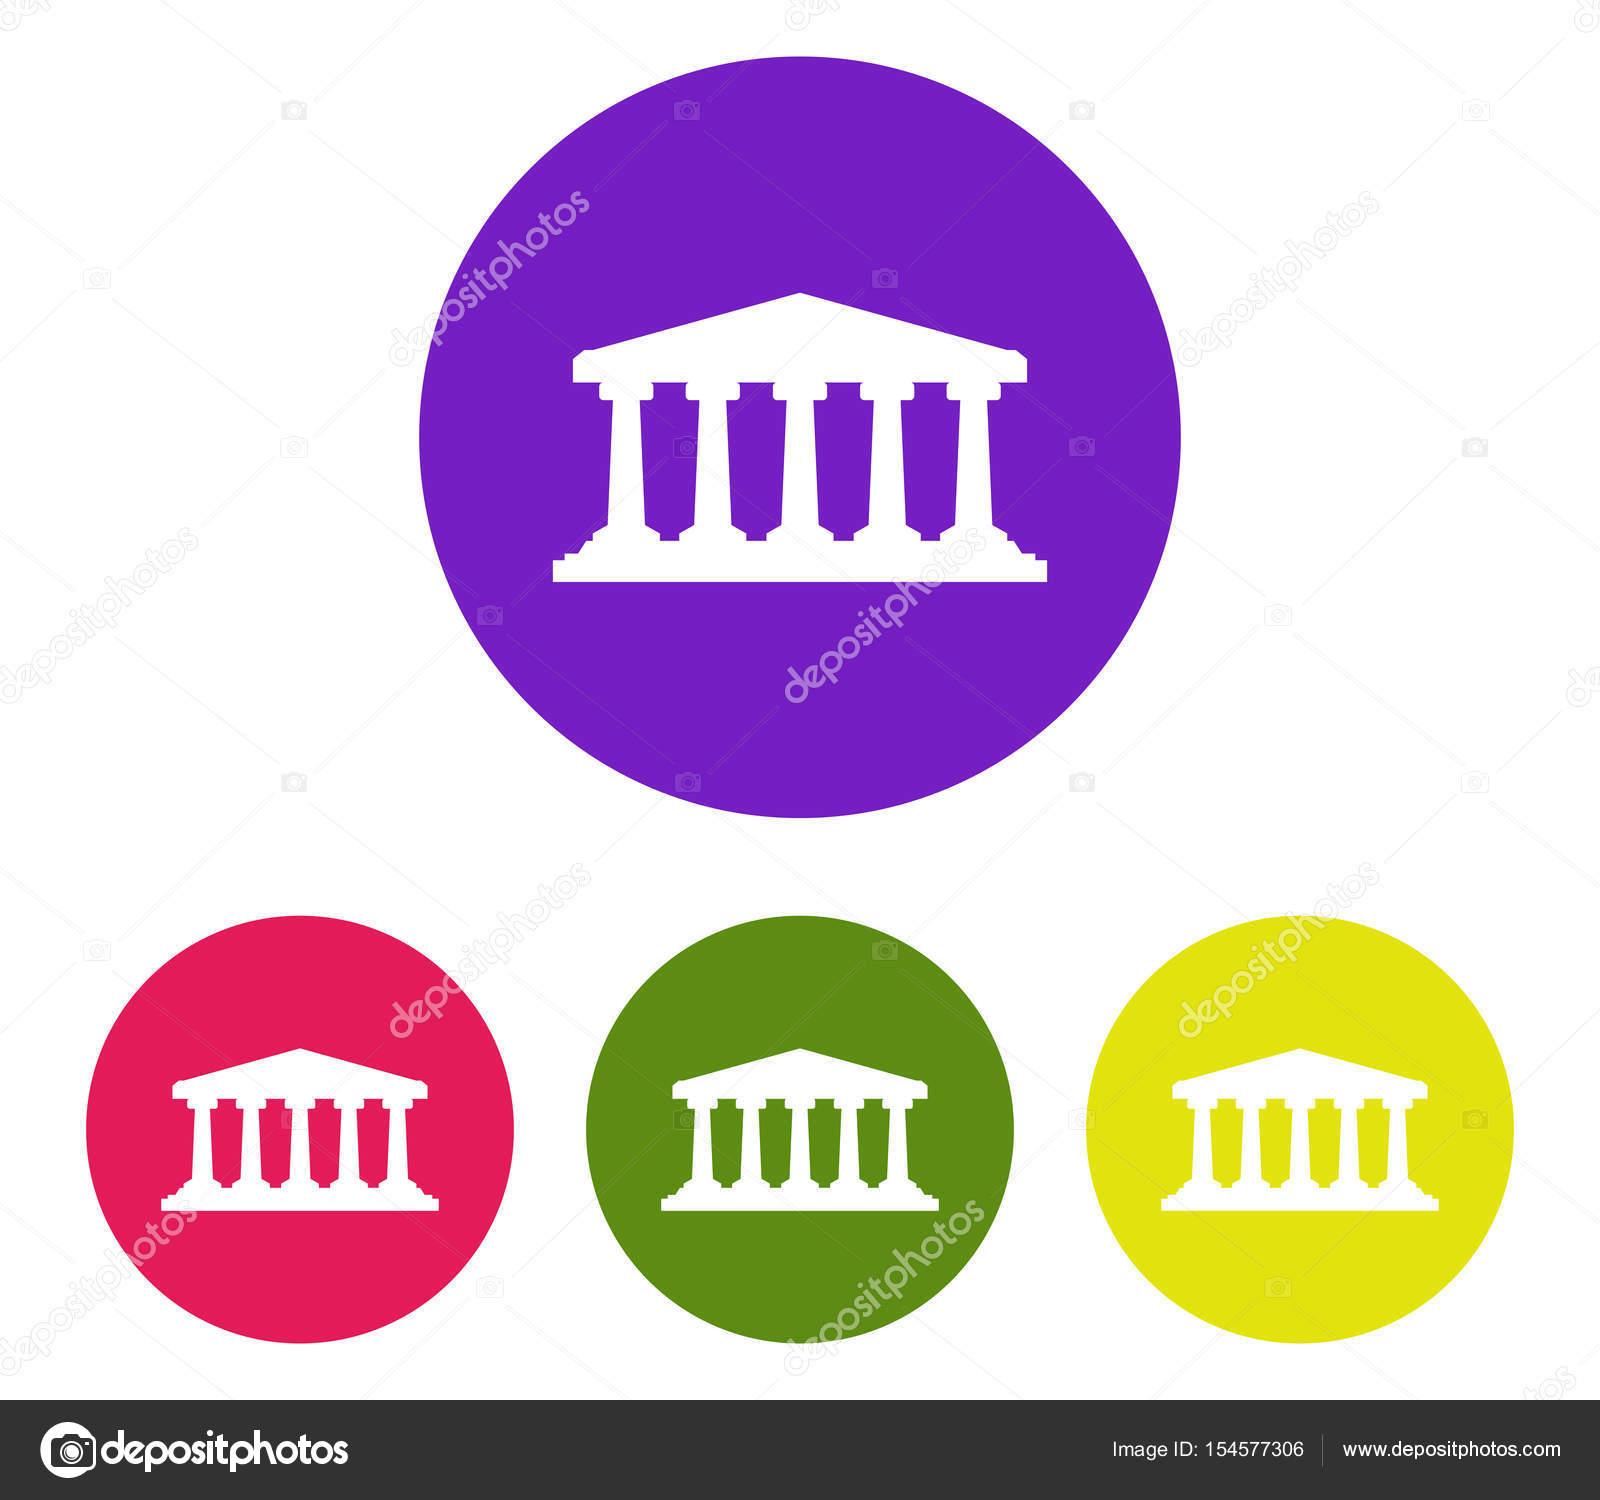 銀行アイコン イラスト背景白に設定 — ストックベクター © marcotrapani